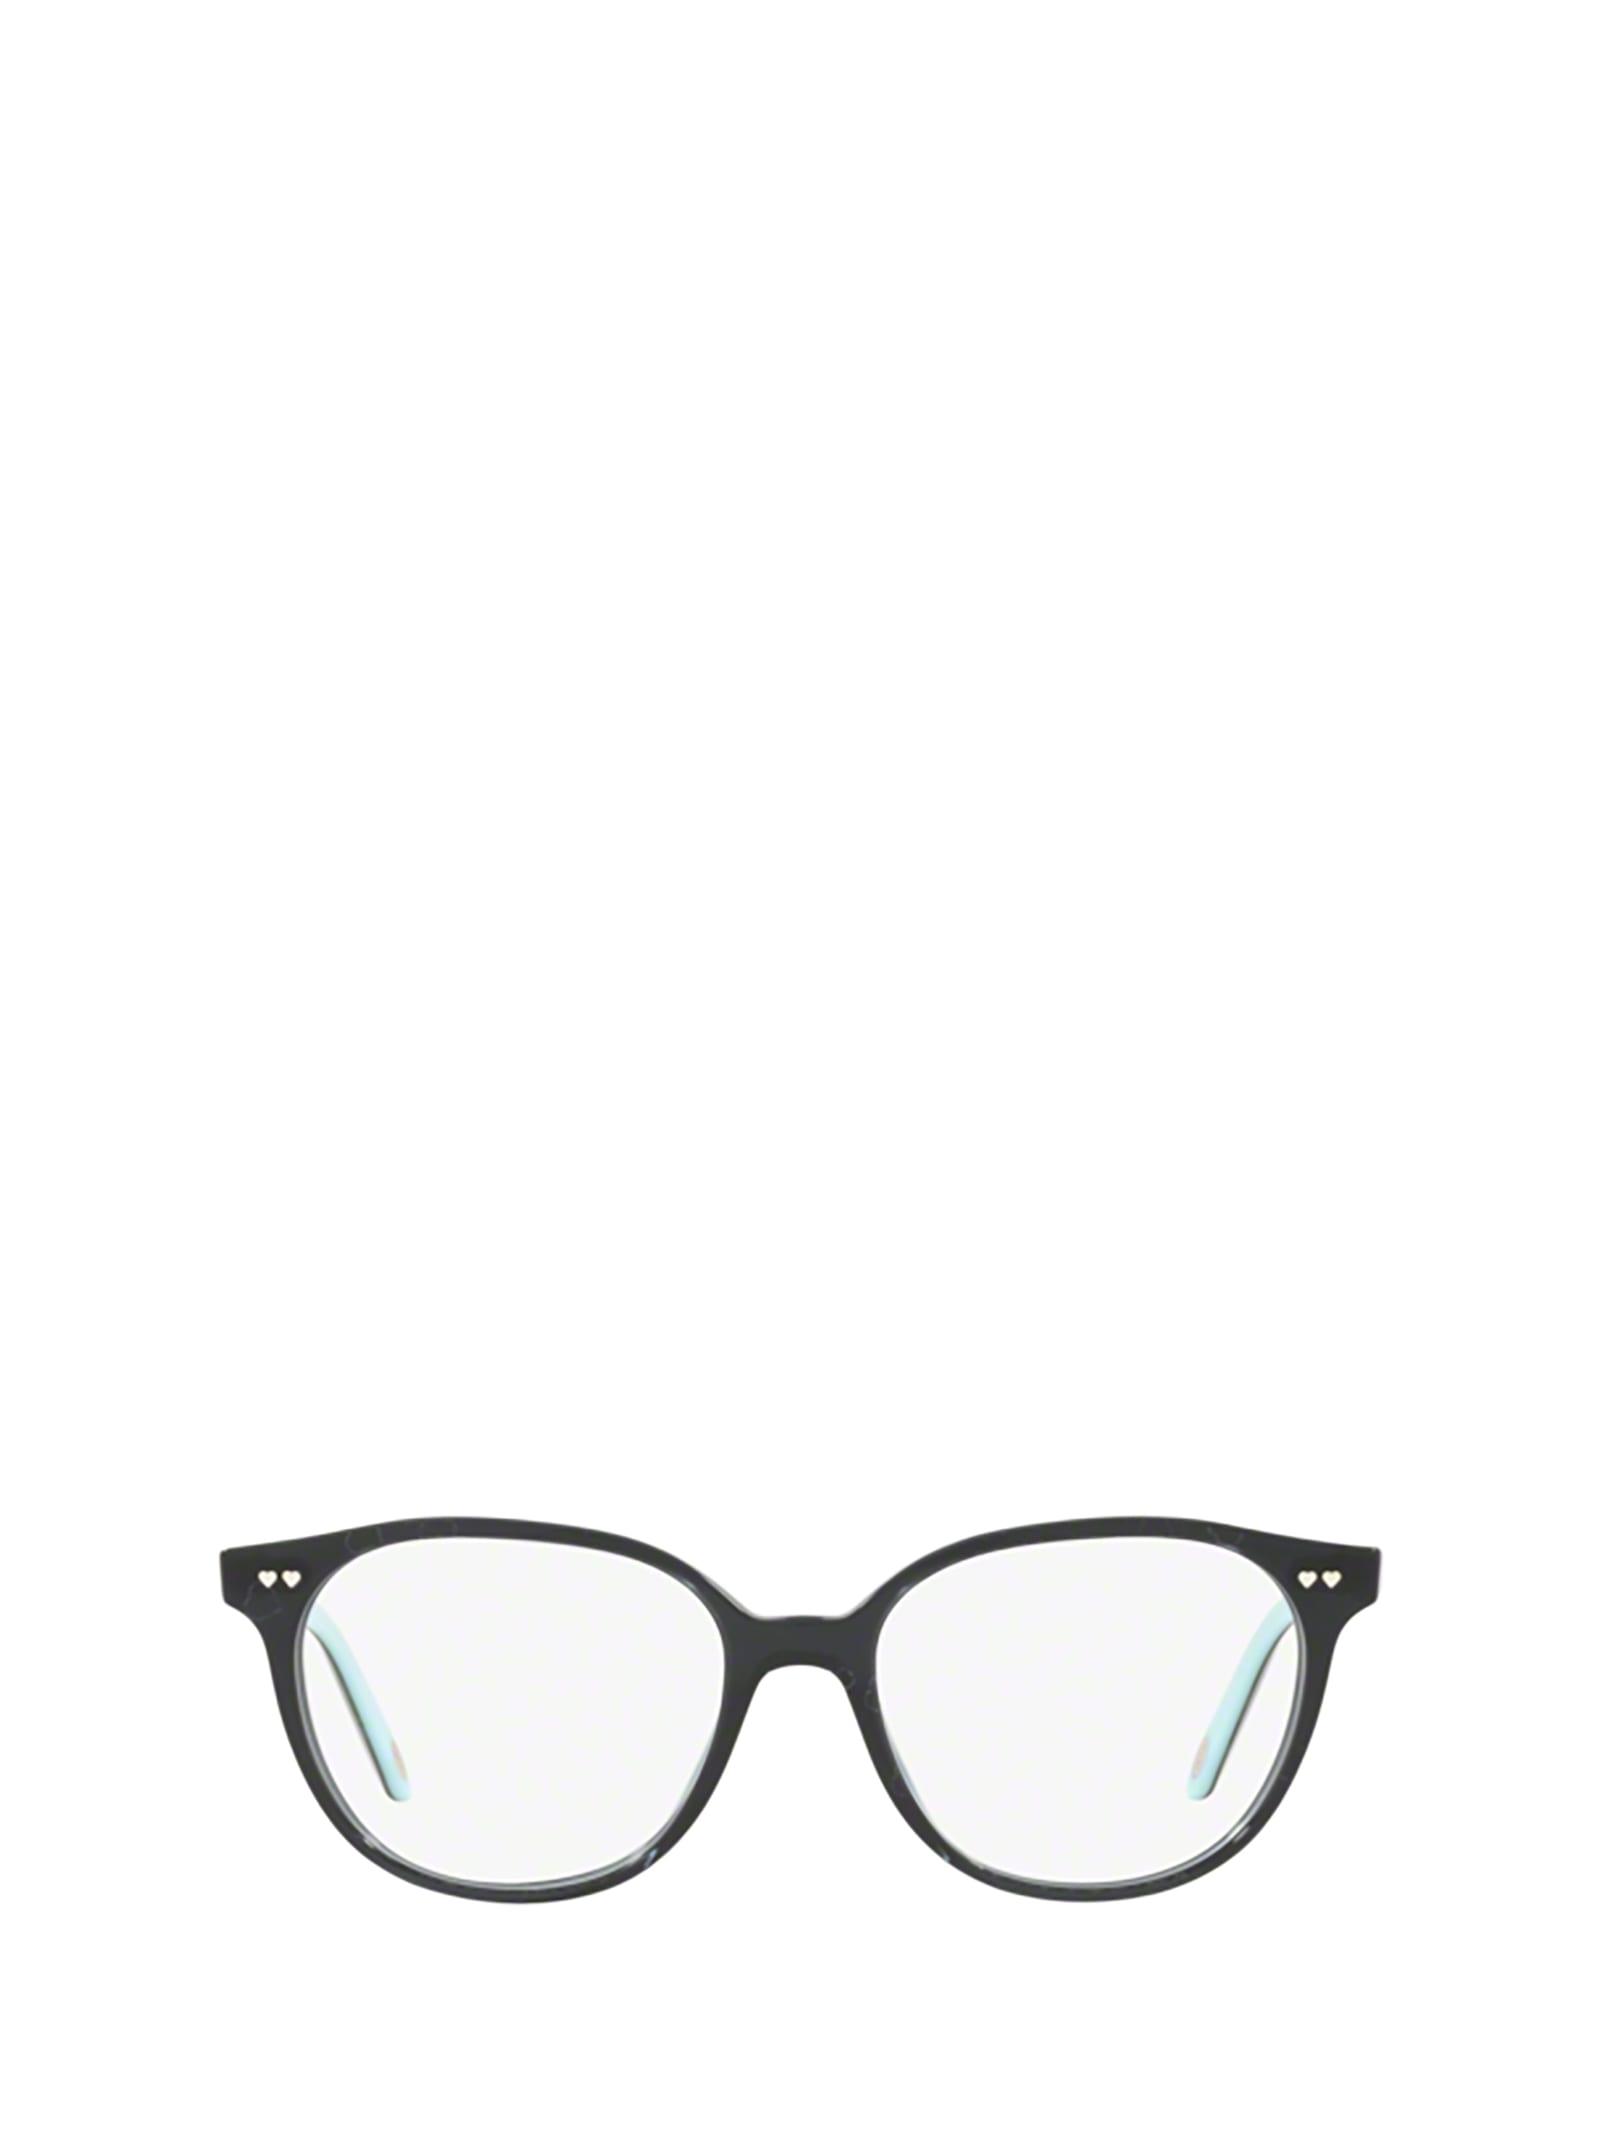 Tiffany & Co. Tiffany Tf2154 8232 Glasses